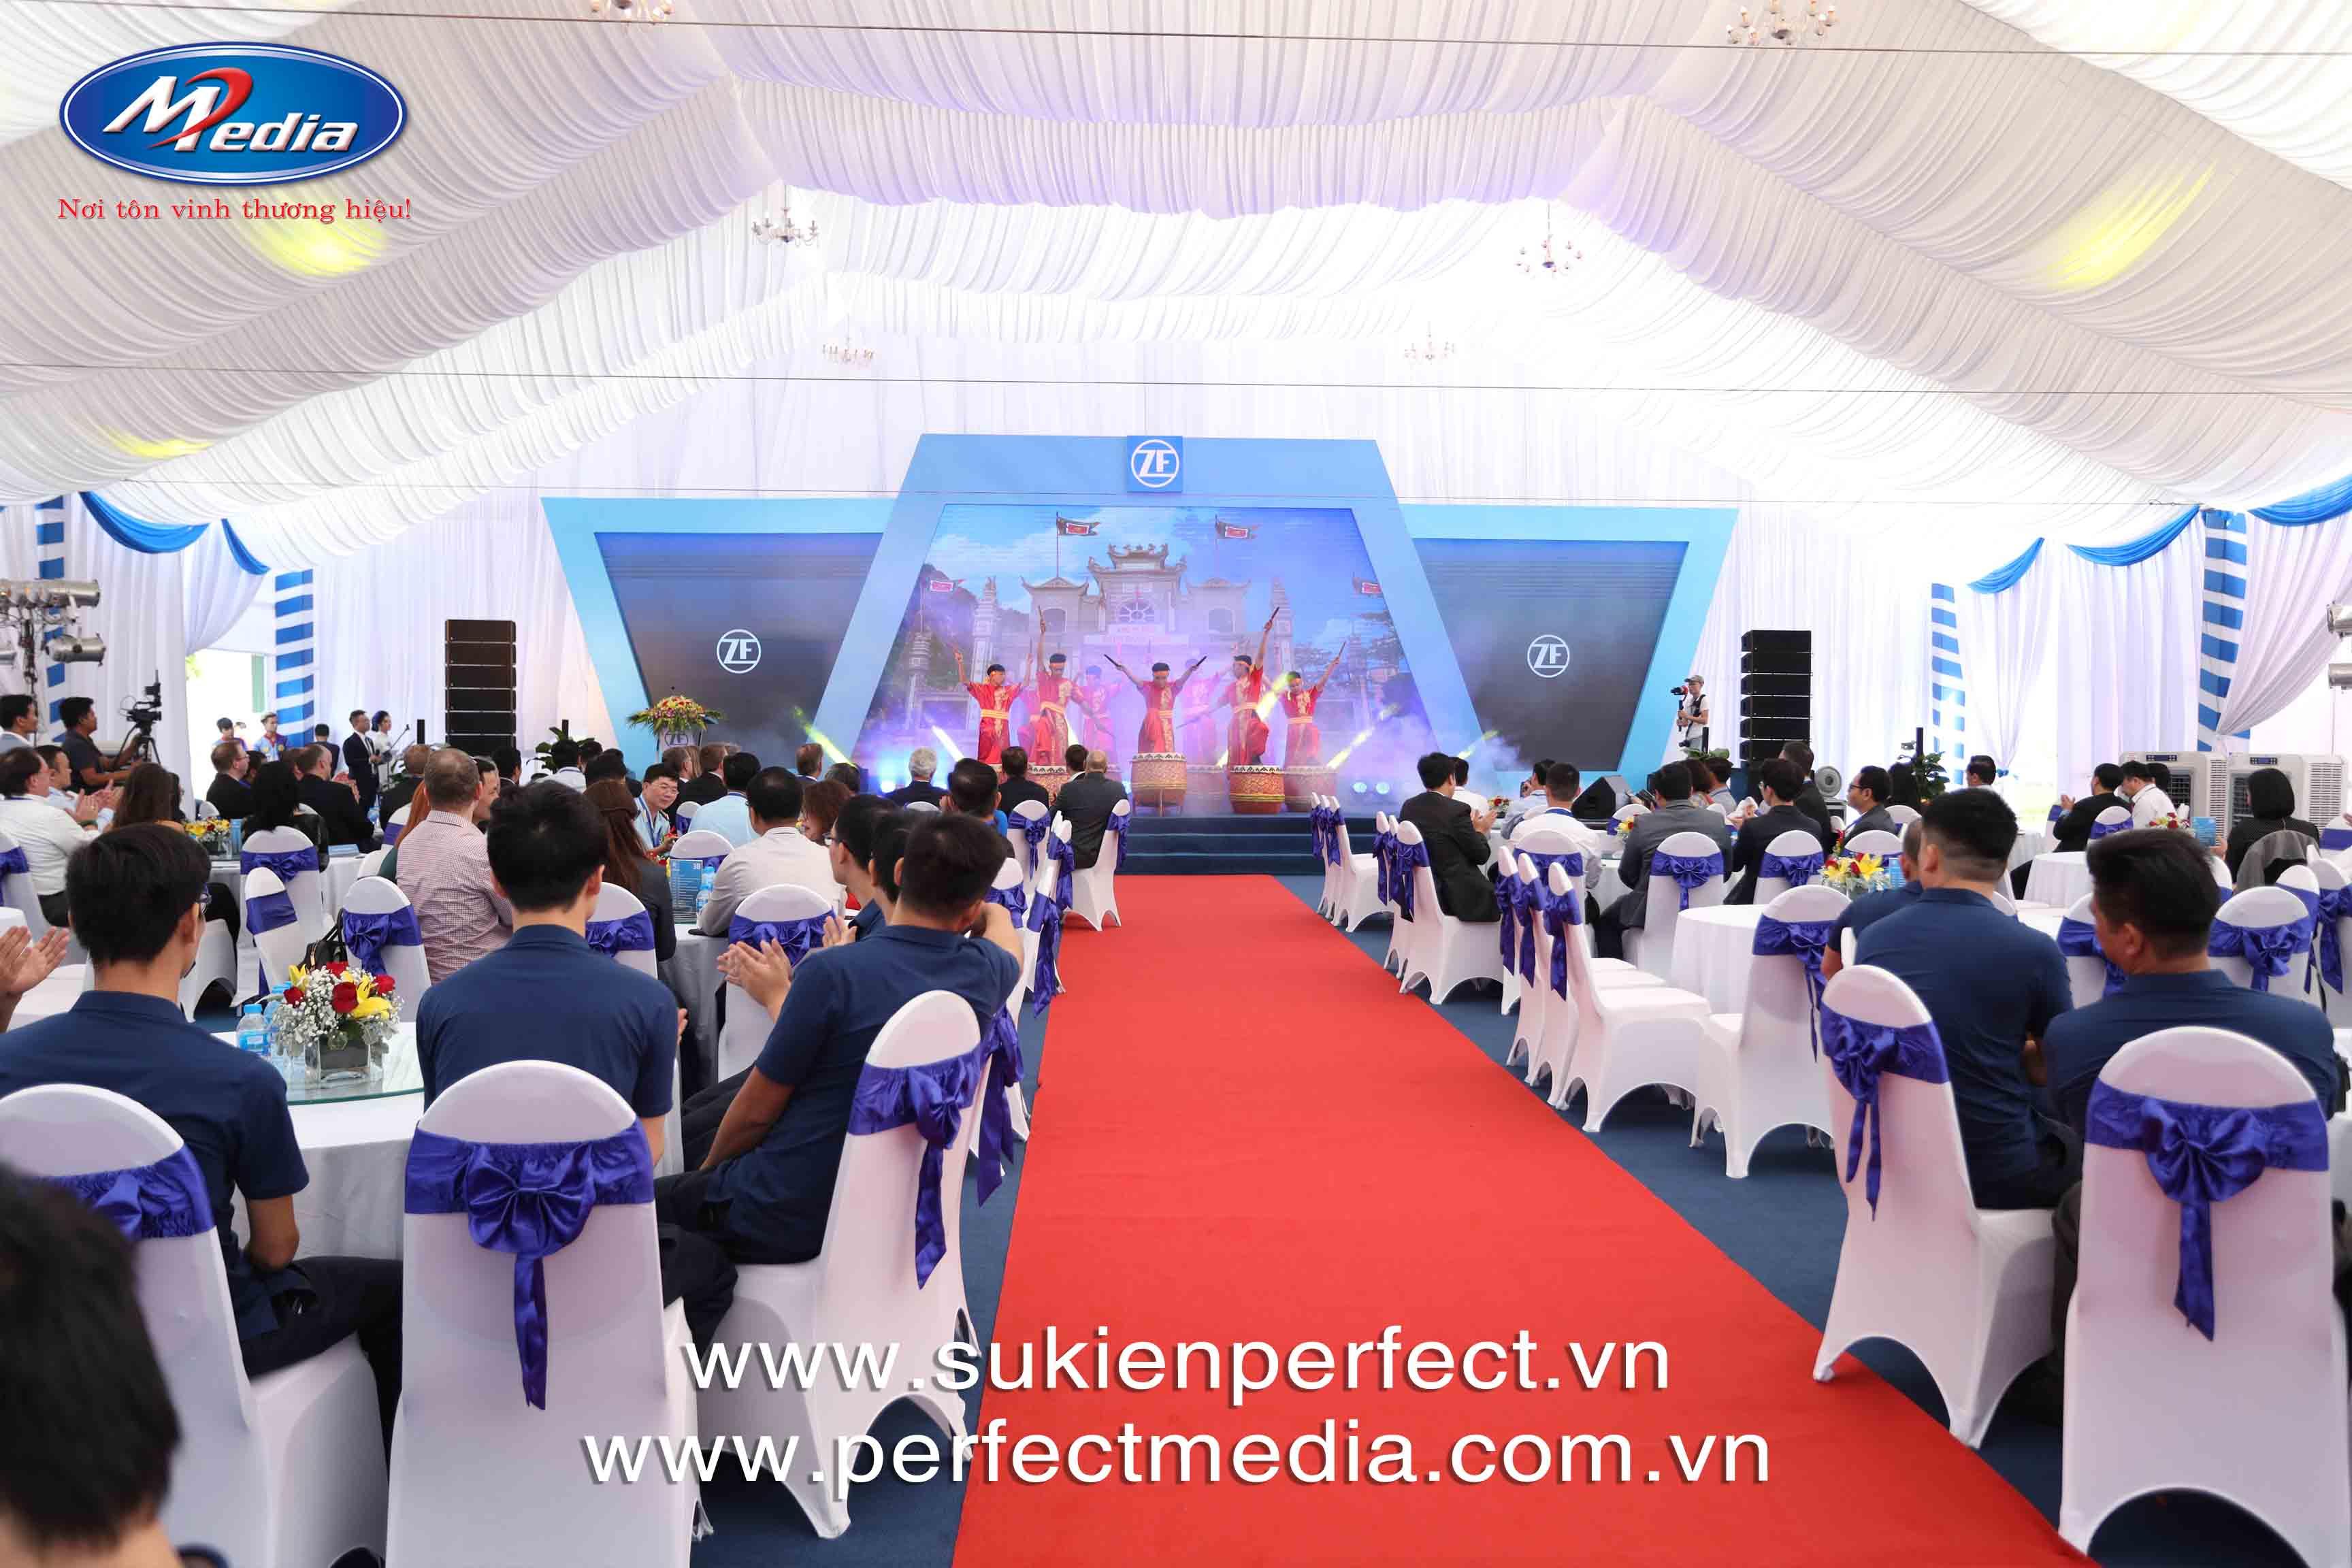 Công ty tổ chức sự kiện tại Bắc Ninh - Perfect Media